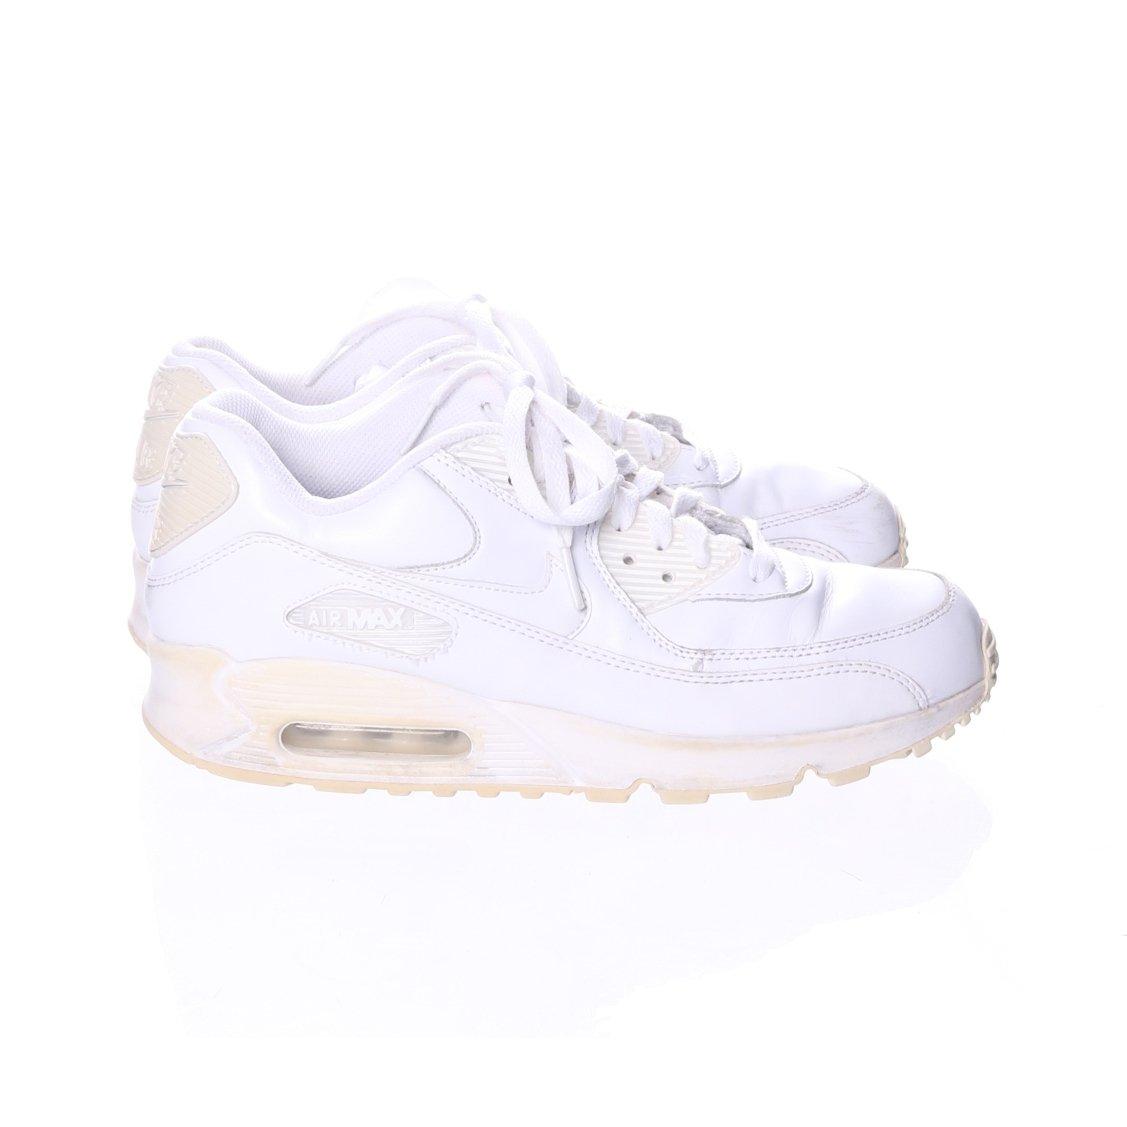 quality design 8092a e44d6 Nike Air Max, Sneakers, Strl  42, Air max , Vit